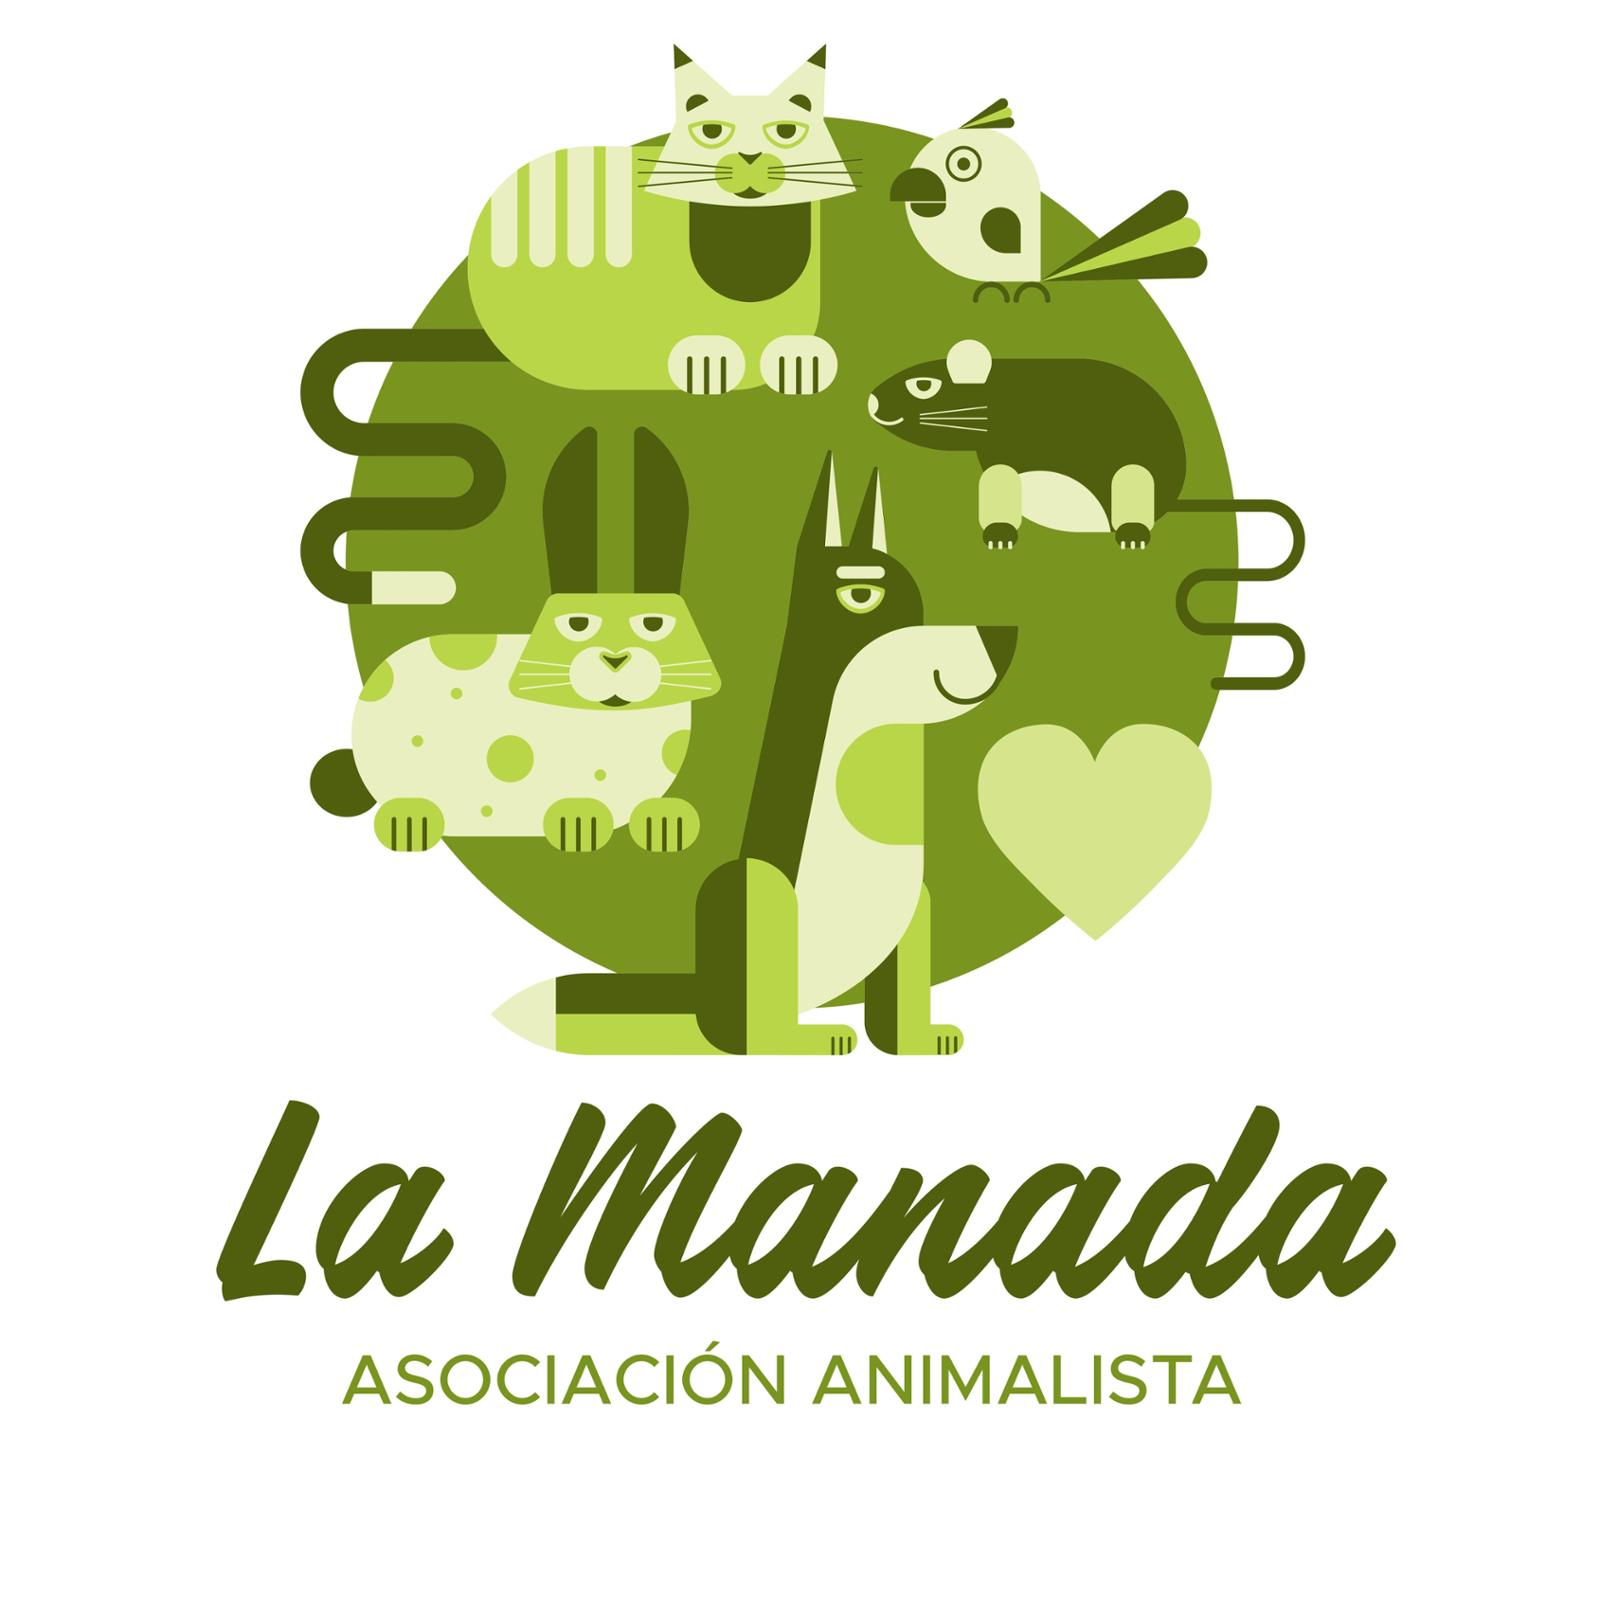 La Manada, Asociación Animalista